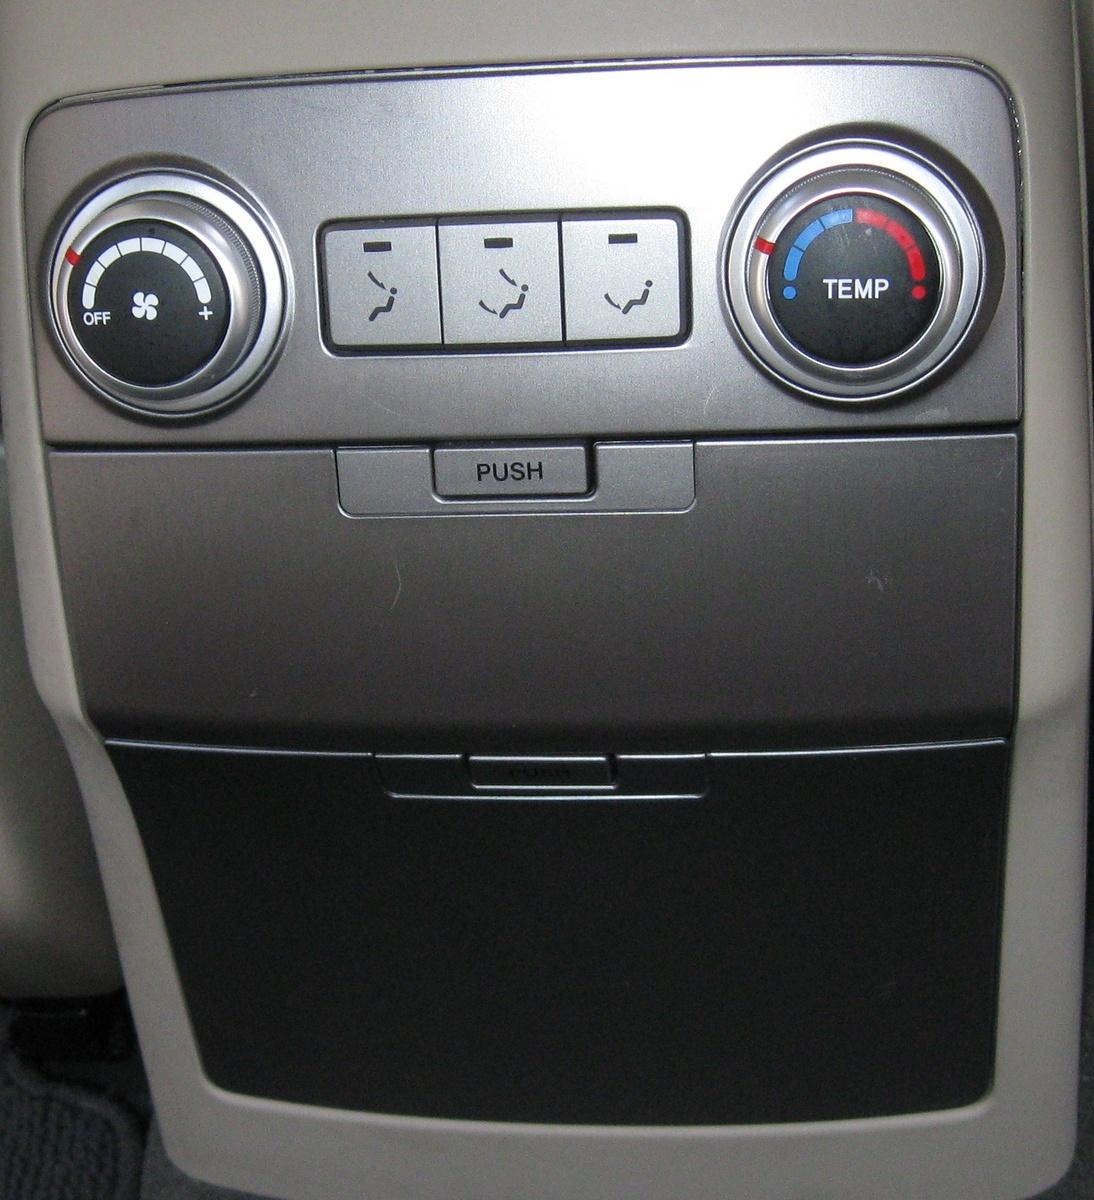 2012 Hyundai Equus Interior: 2011 Hyundai Veracruz